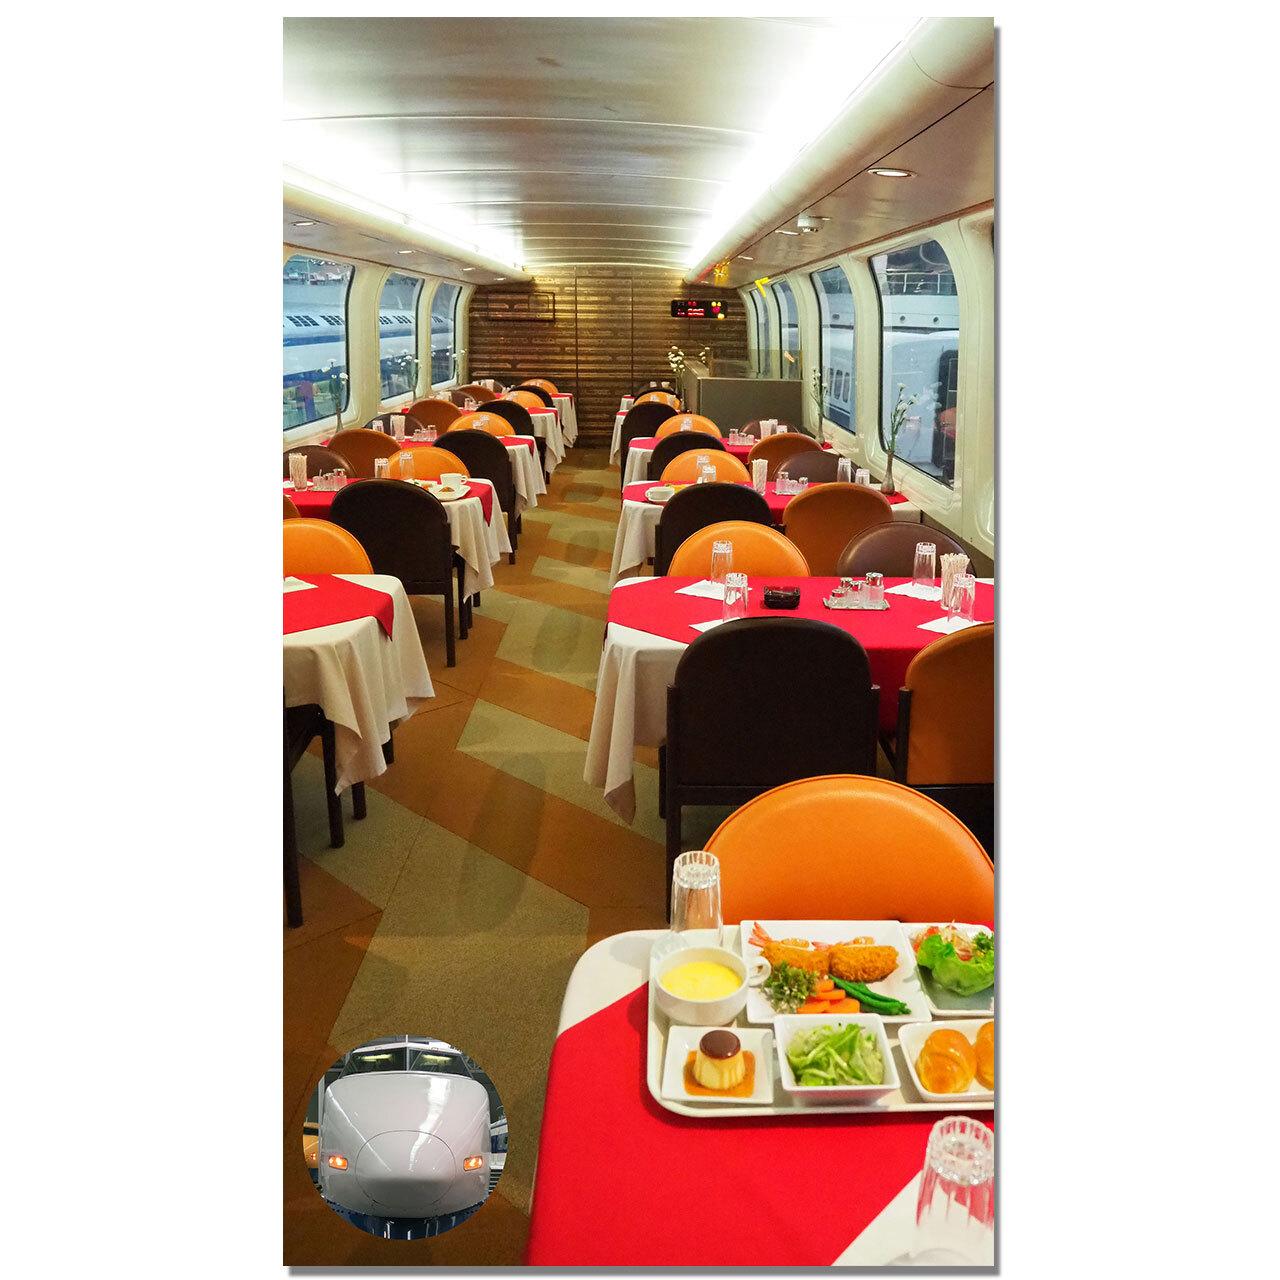 【4589839356855予】新幹線 マルチタペストリーのれん 100系食堂車